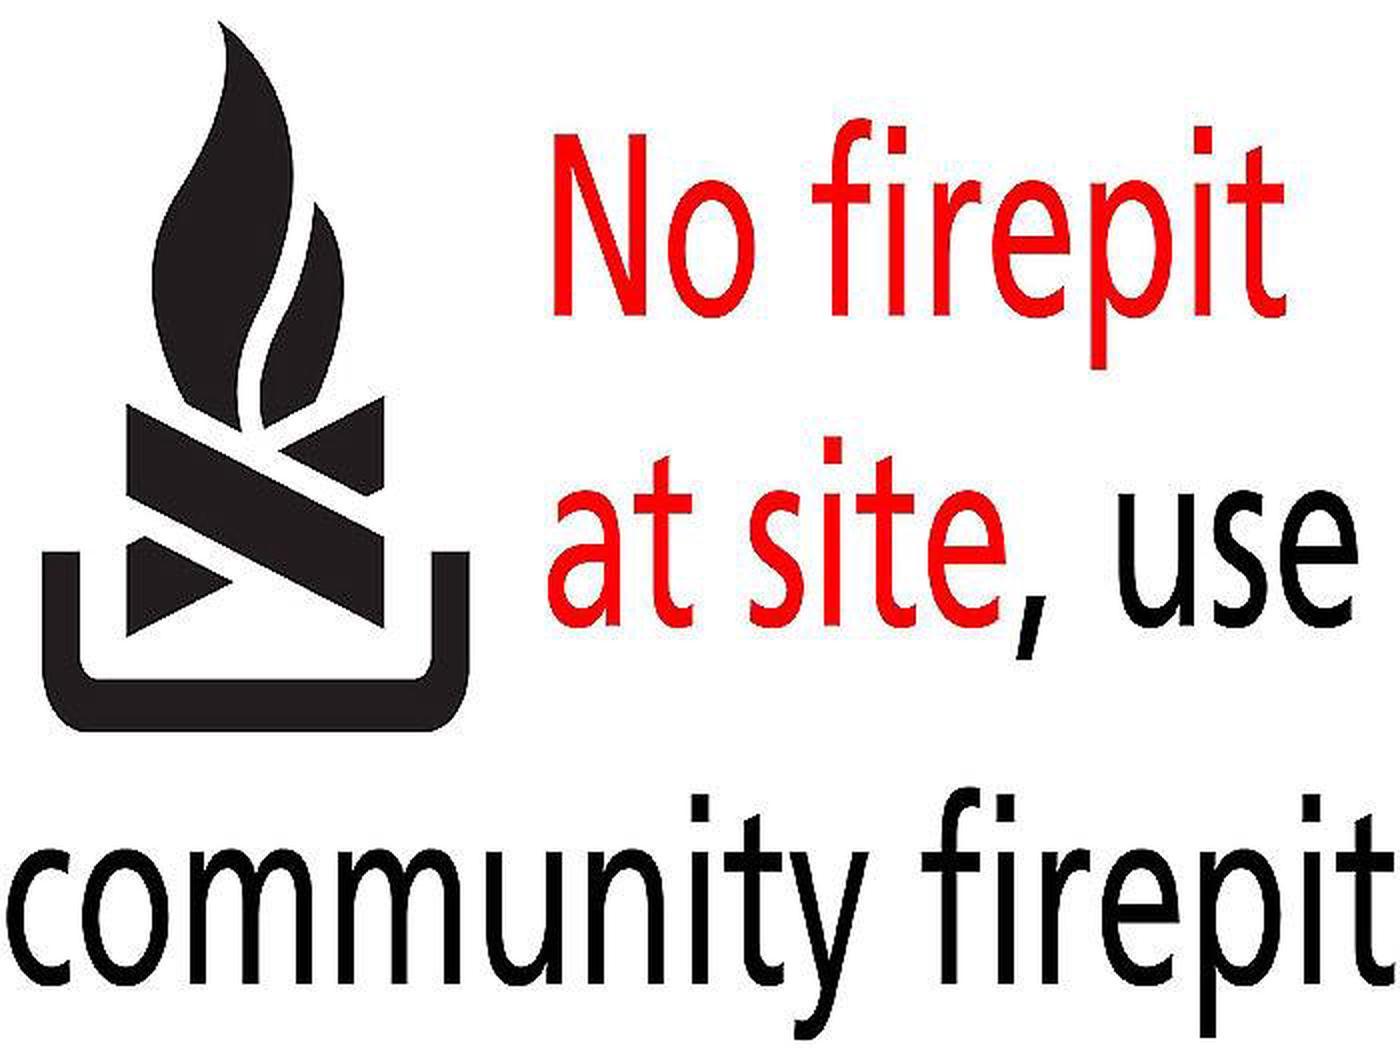 Use Community Firepit